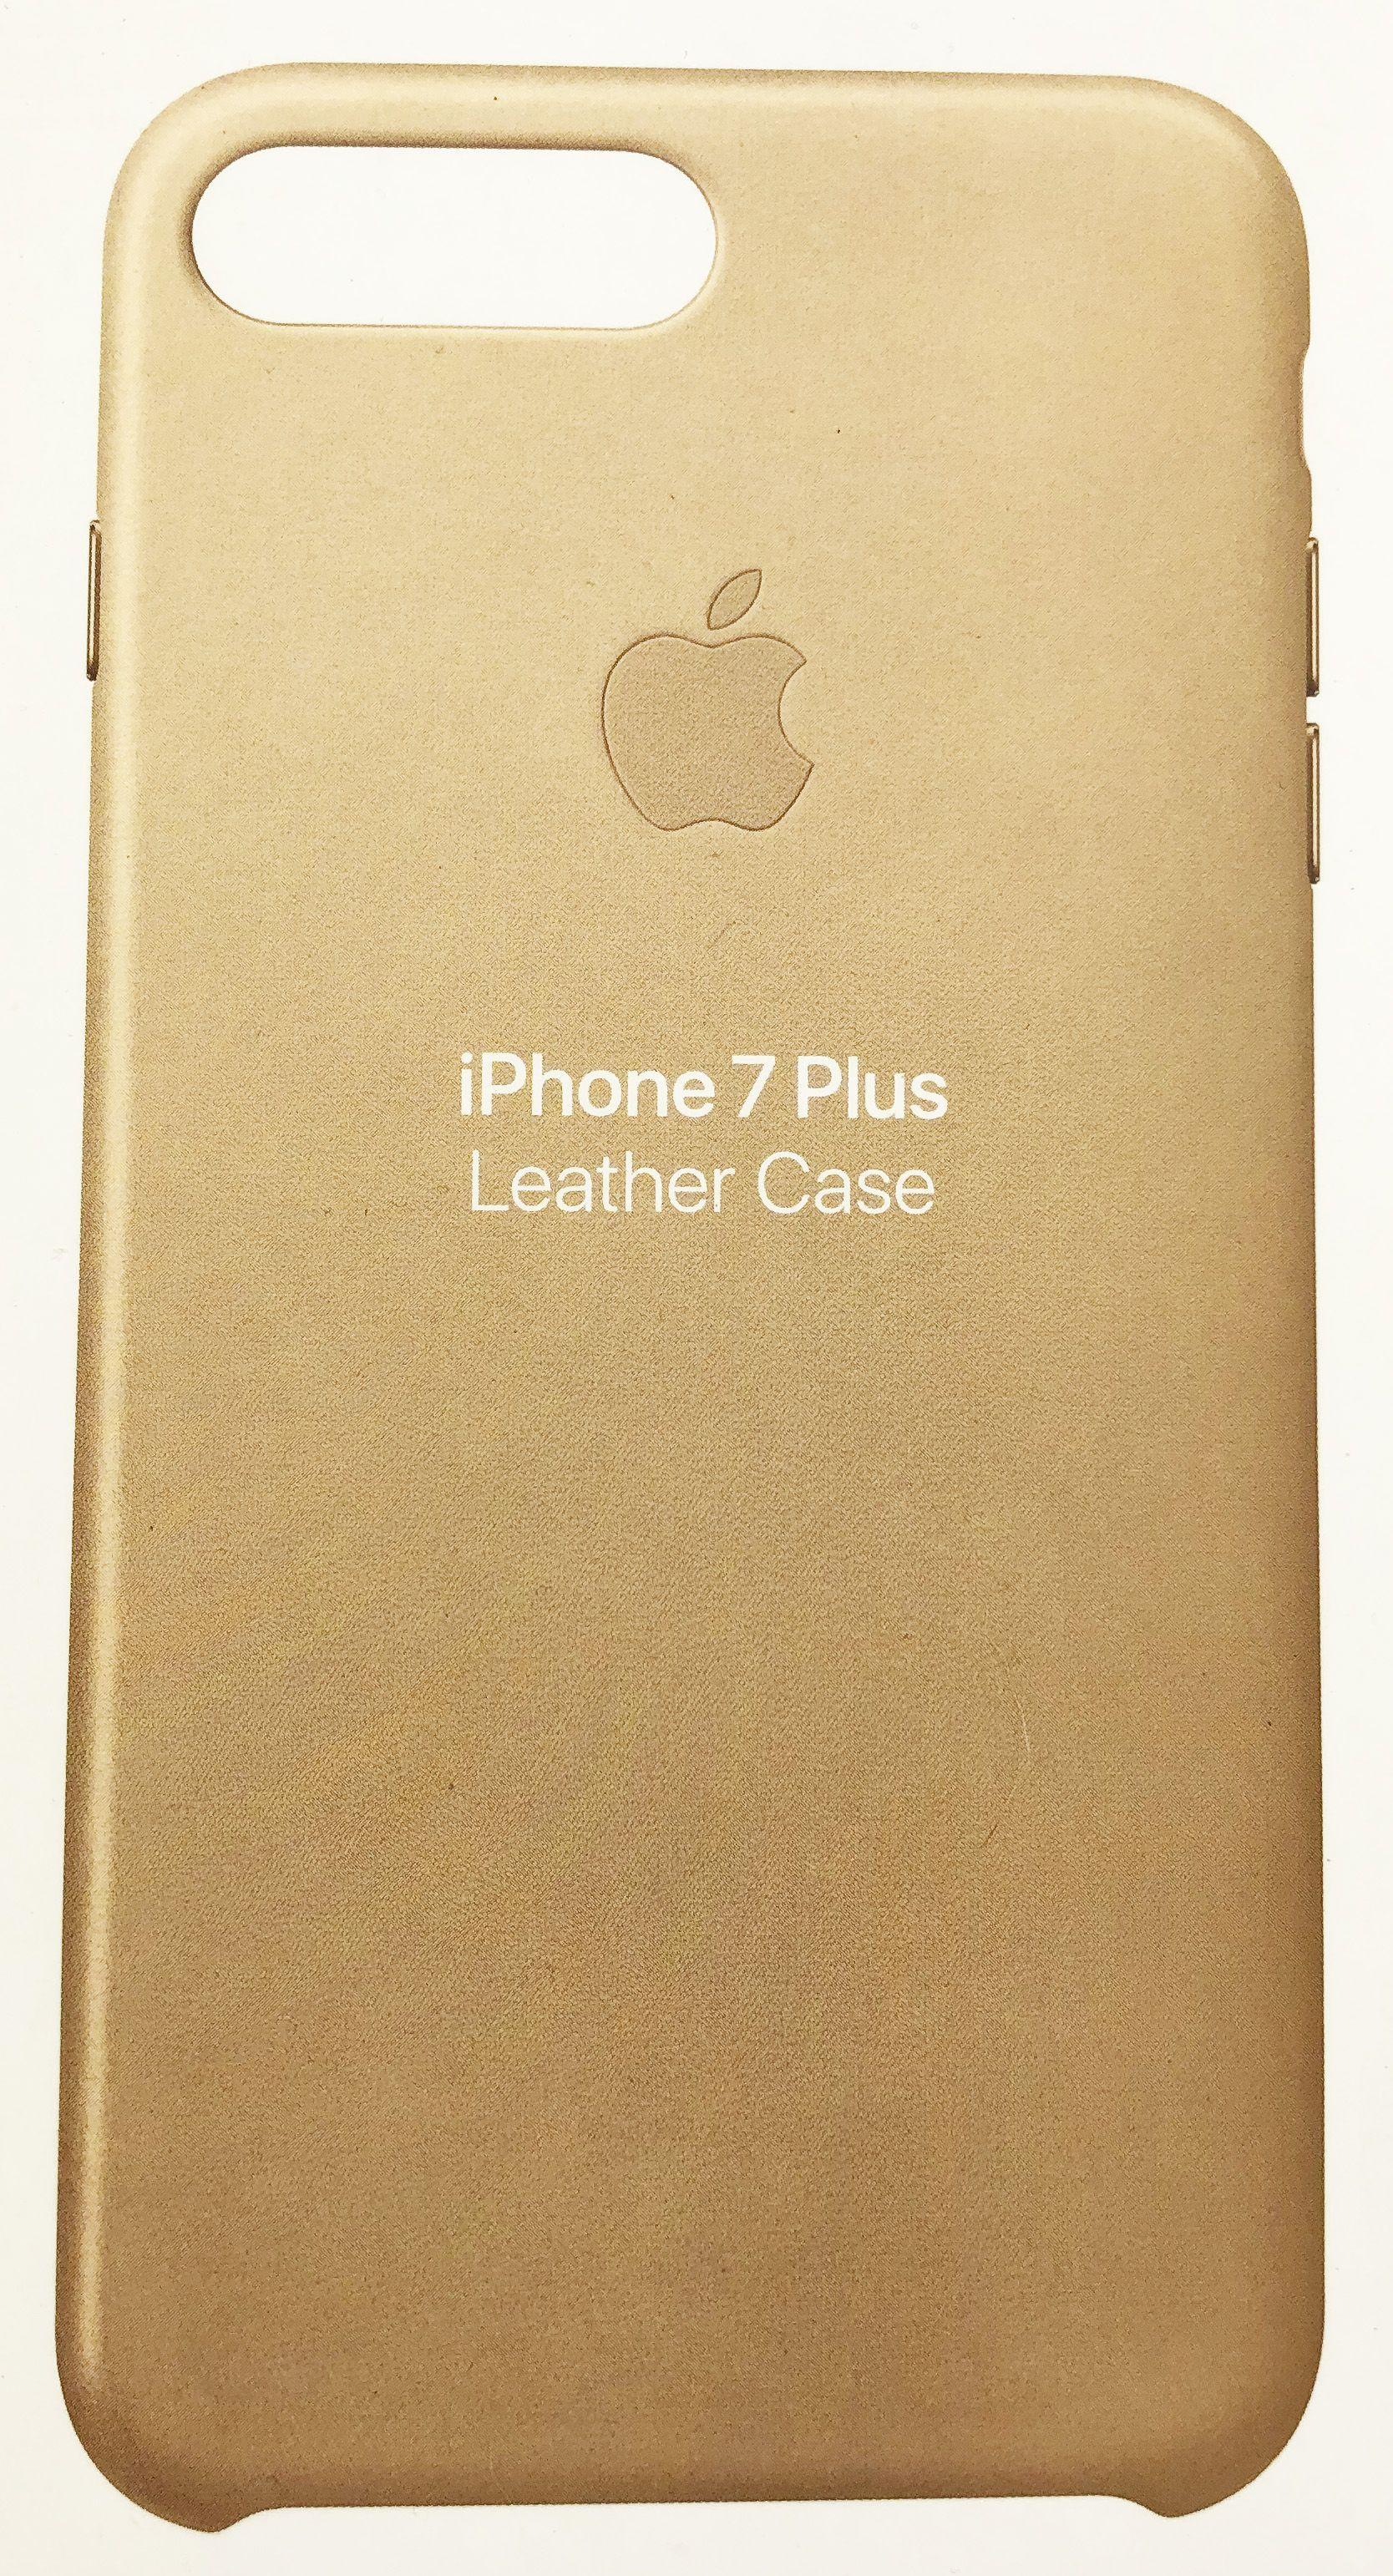 Enormt Apple Skinndeksel (iPhone 8/7 Plus) - iPhonehuset.no LR-49